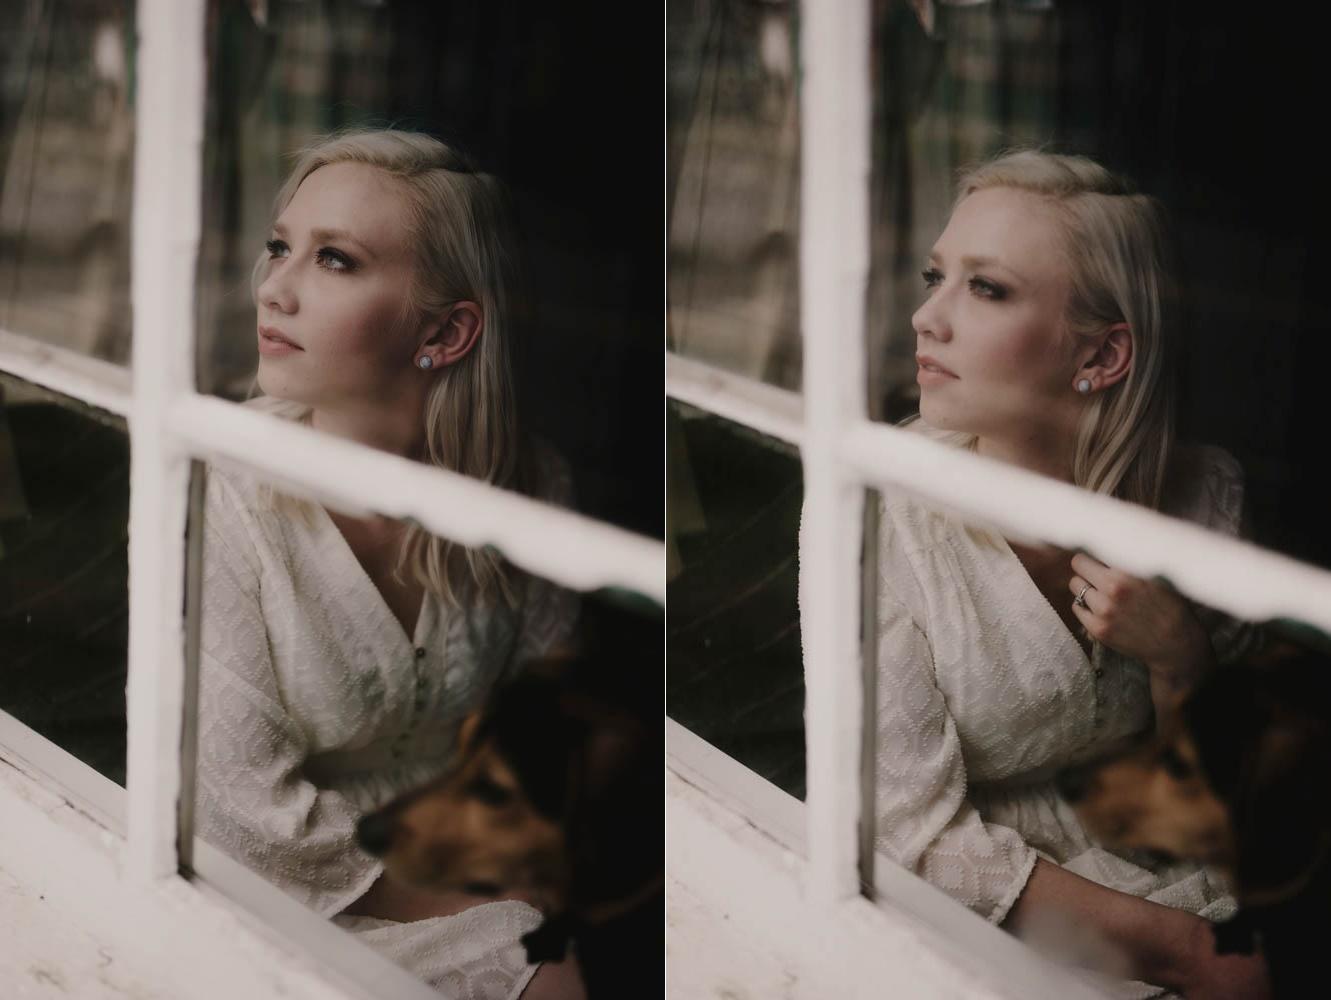 KristenMarie_Alycia+Evan042-horz.jpg